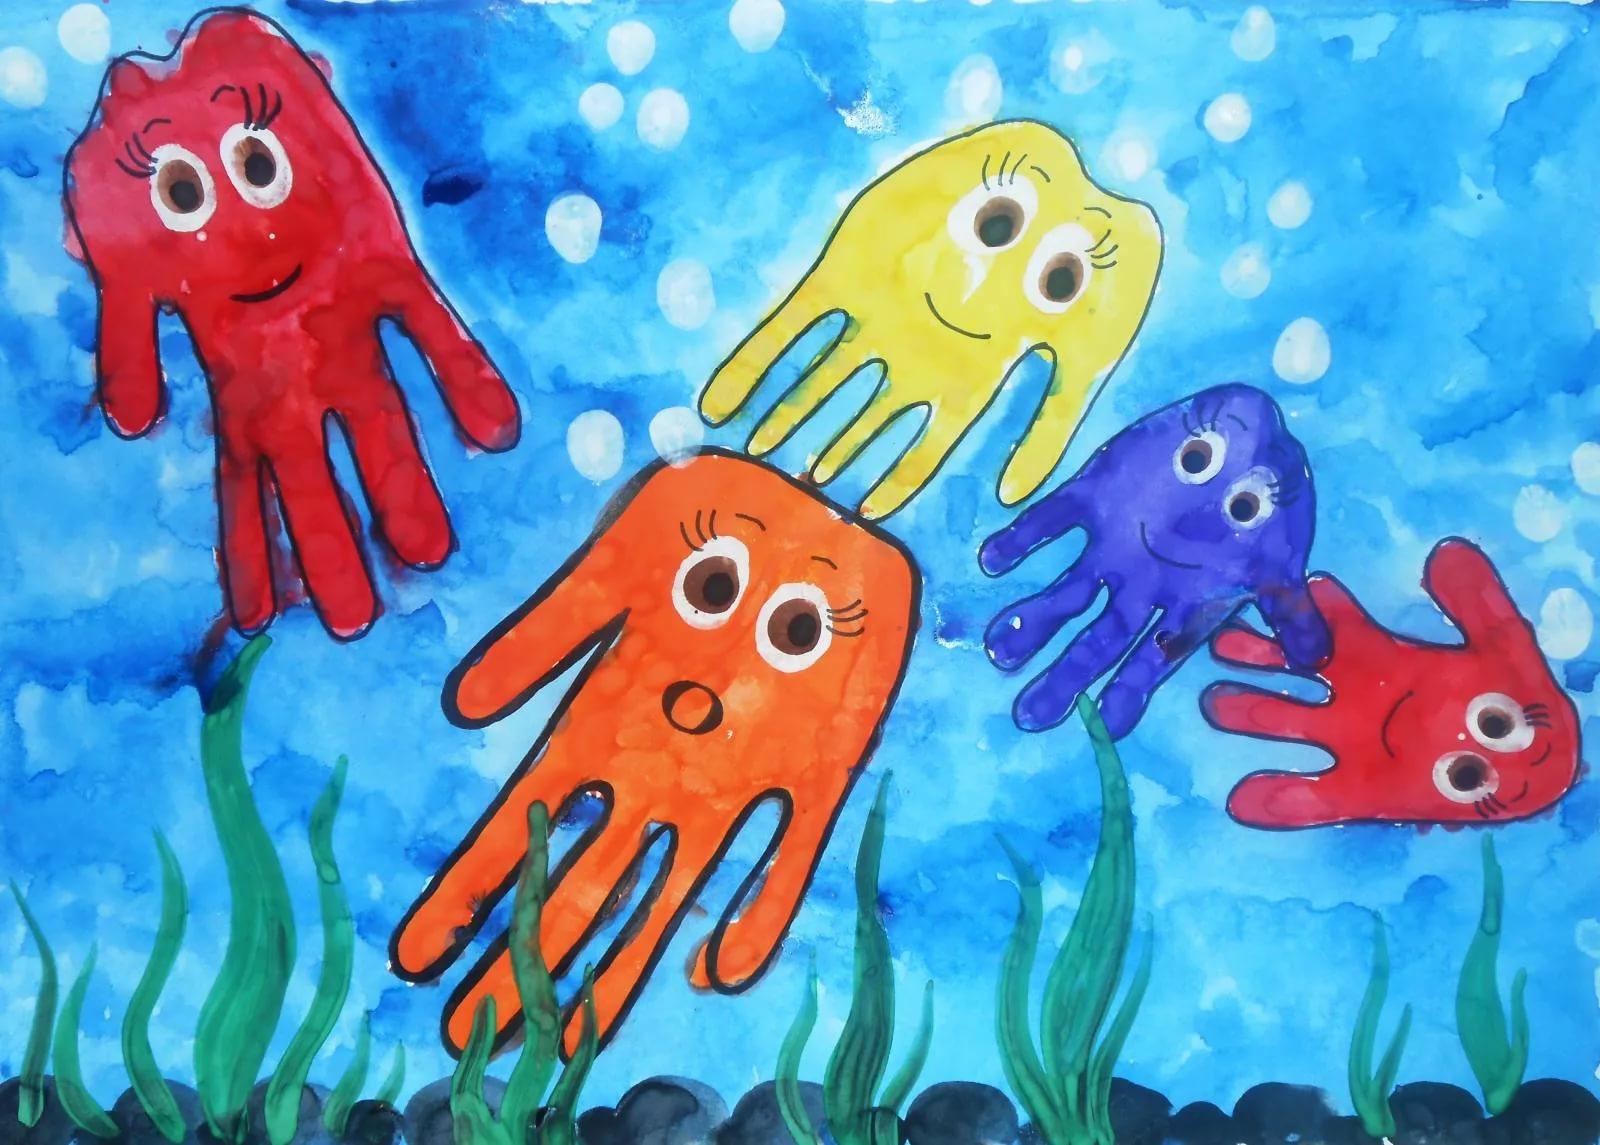 Картинка с ладошками детей, изображением детей